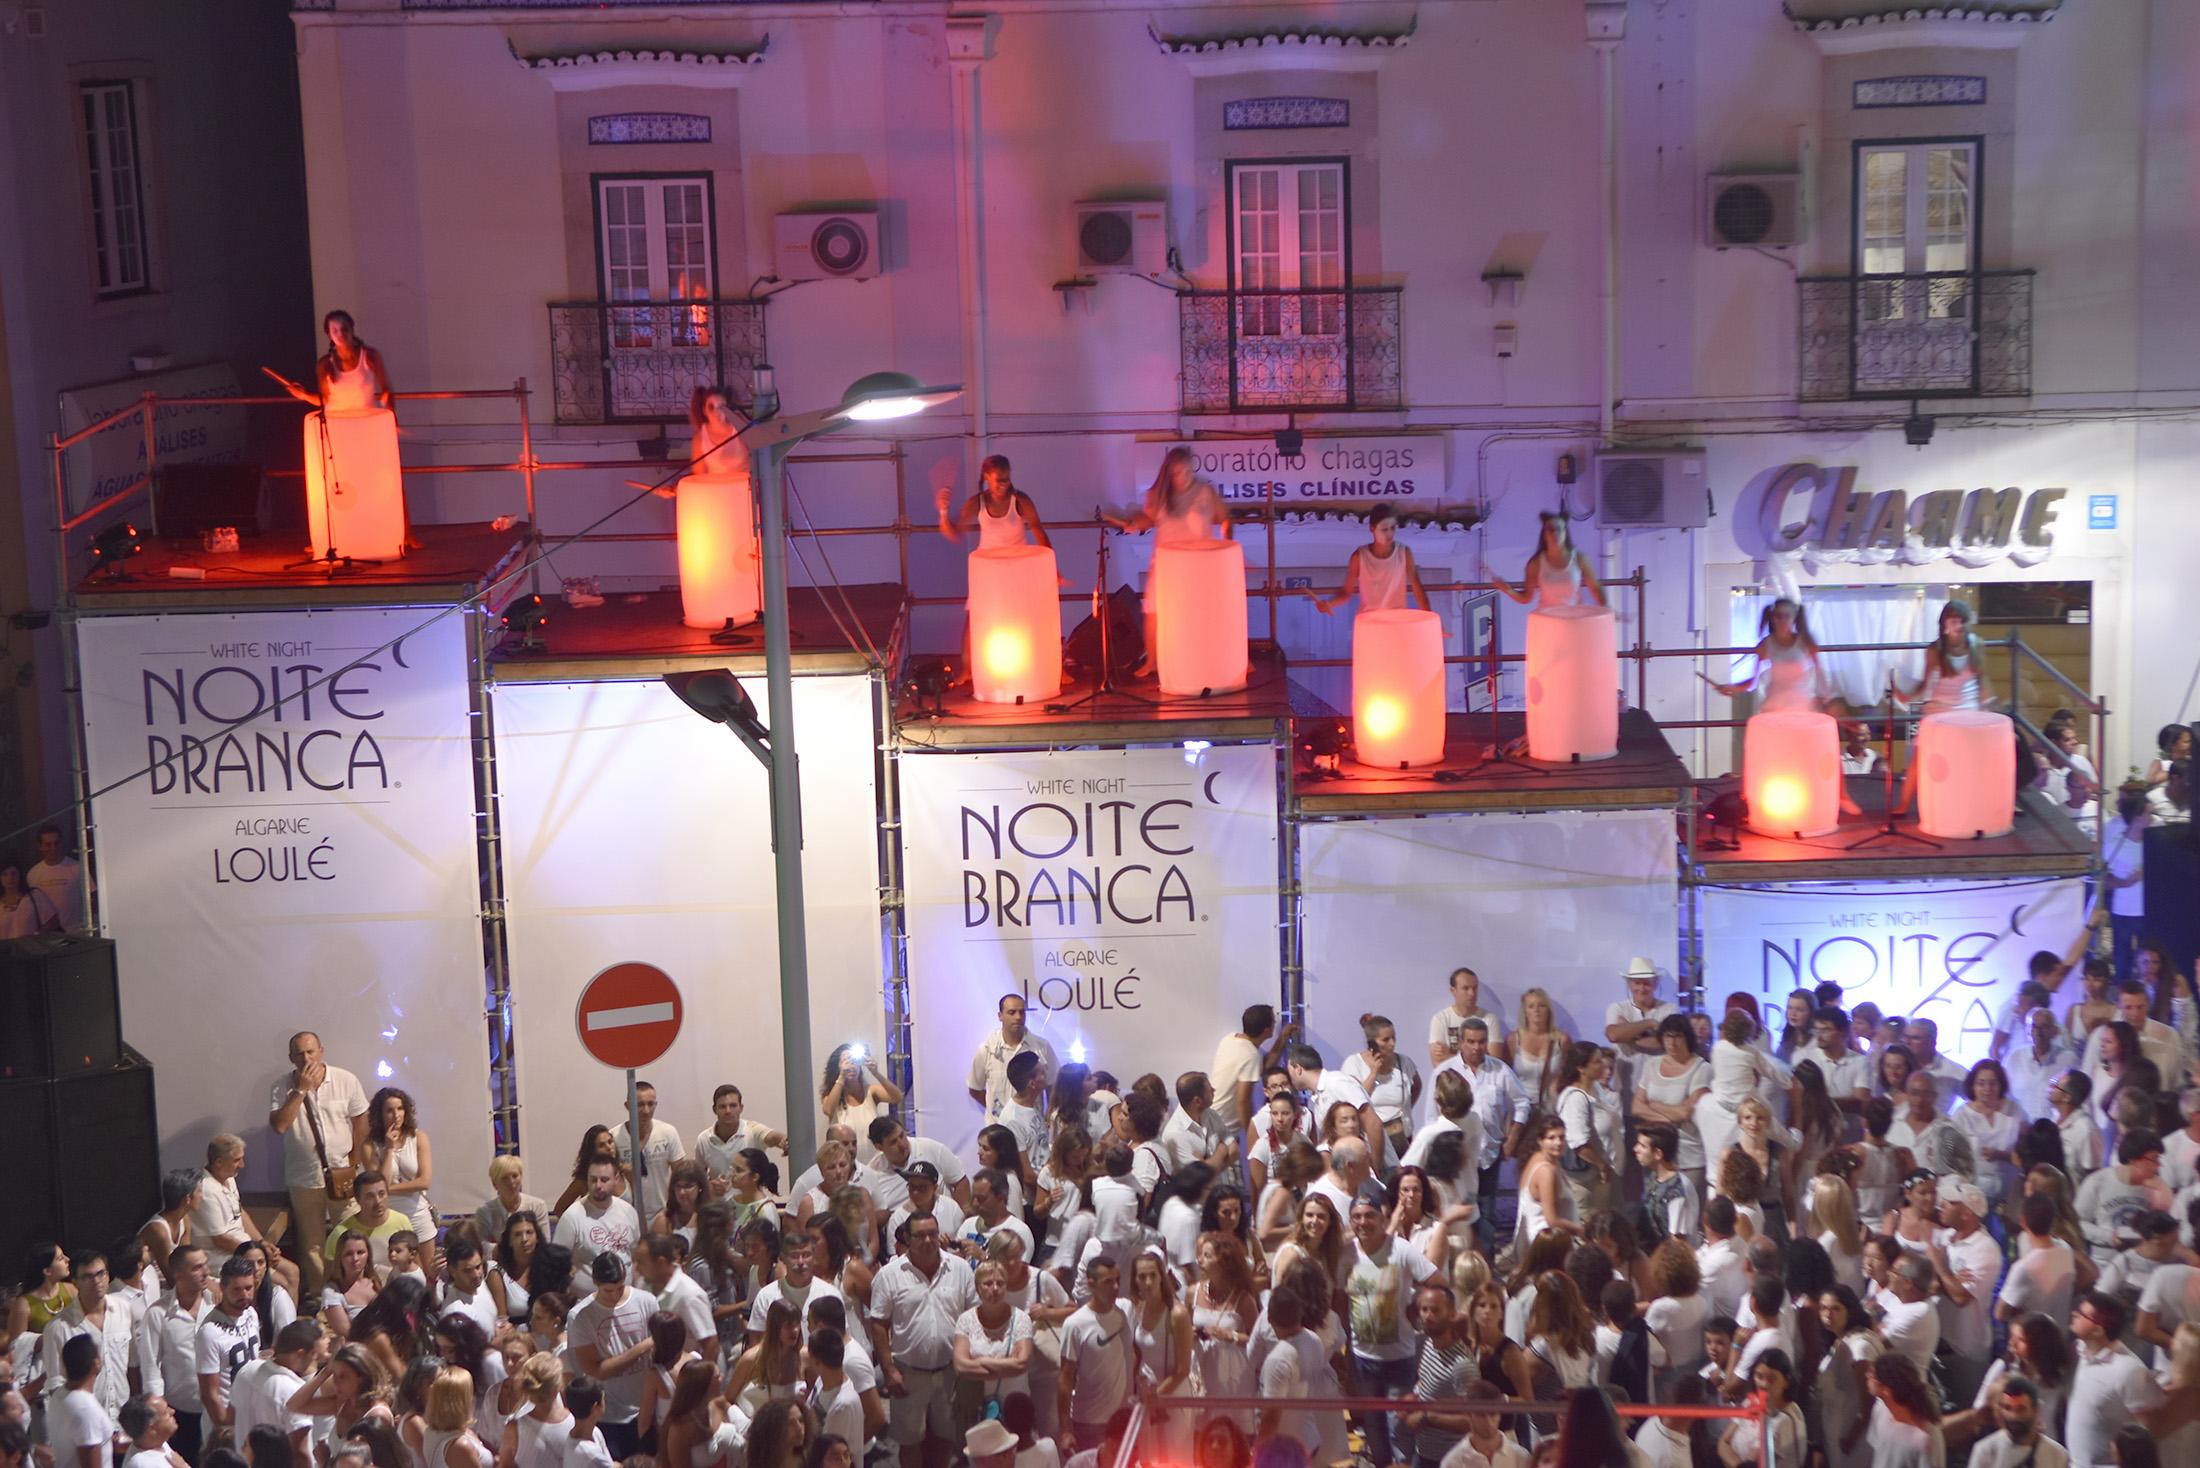 Noite Branca de Loulé com número recorde de 50 mil pessoas